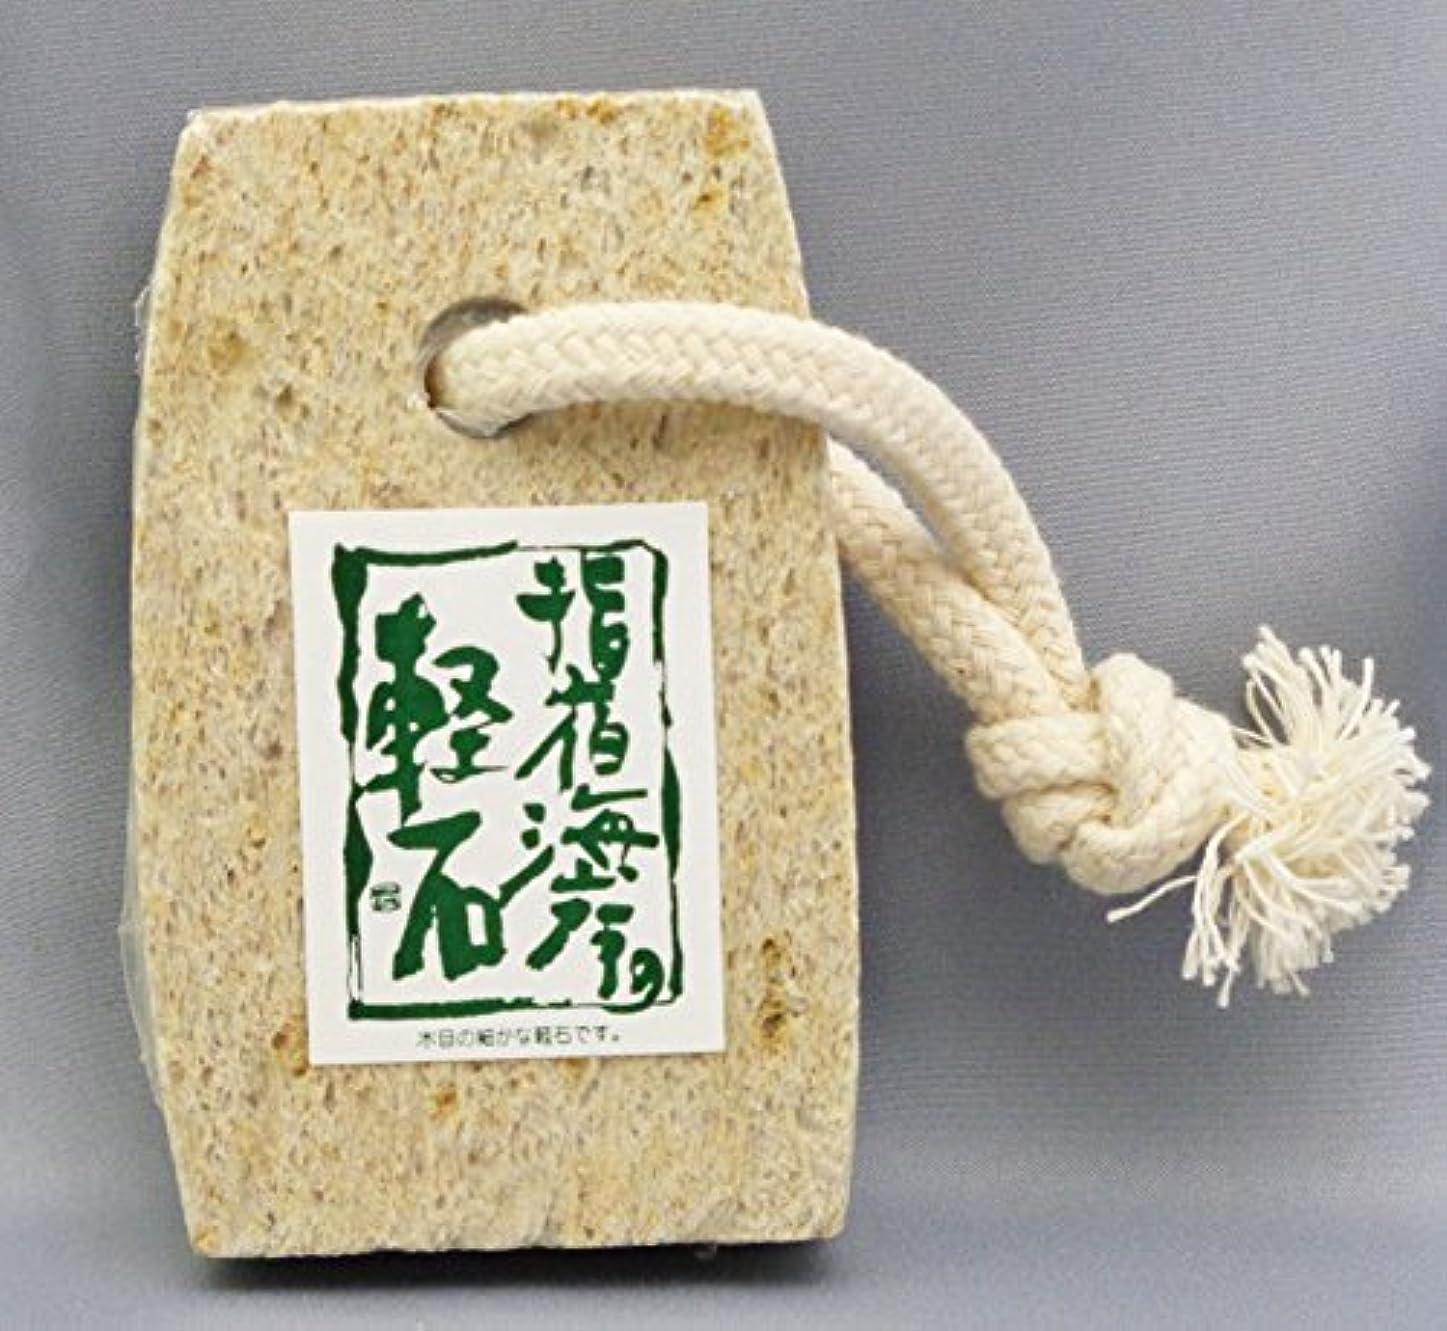 丁寧脚本家審判シオザキ No.3 中判軽石 (ヒモ付き)指宿の軽石